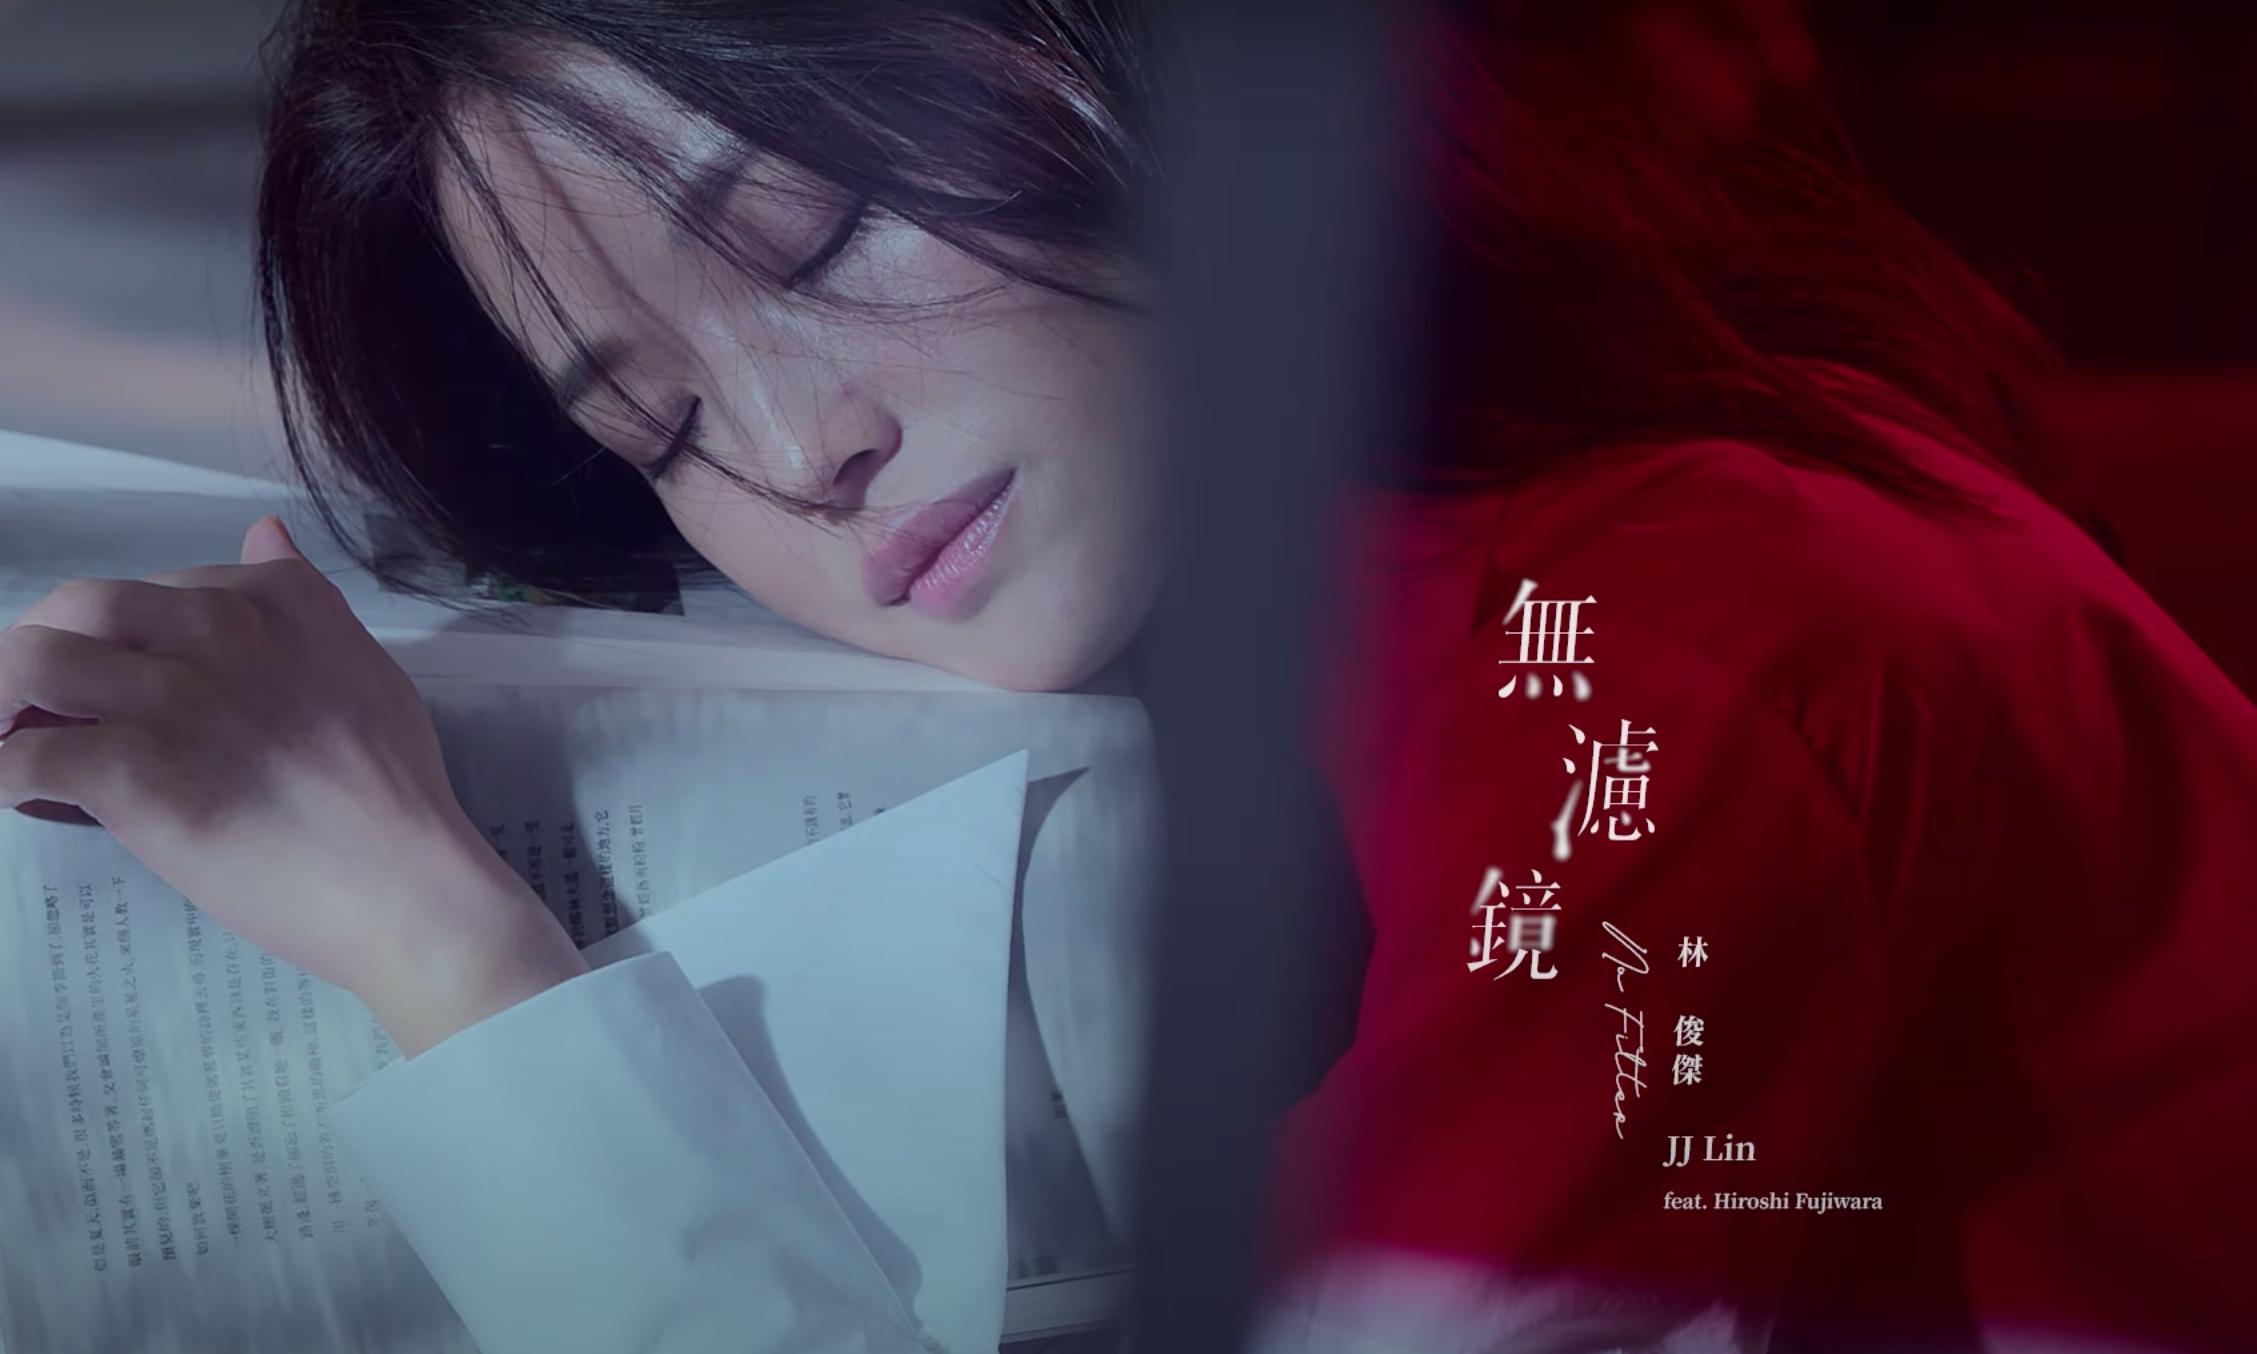 林俊杰与藤原浩合作热单《无滤镜》官方 MV 发布